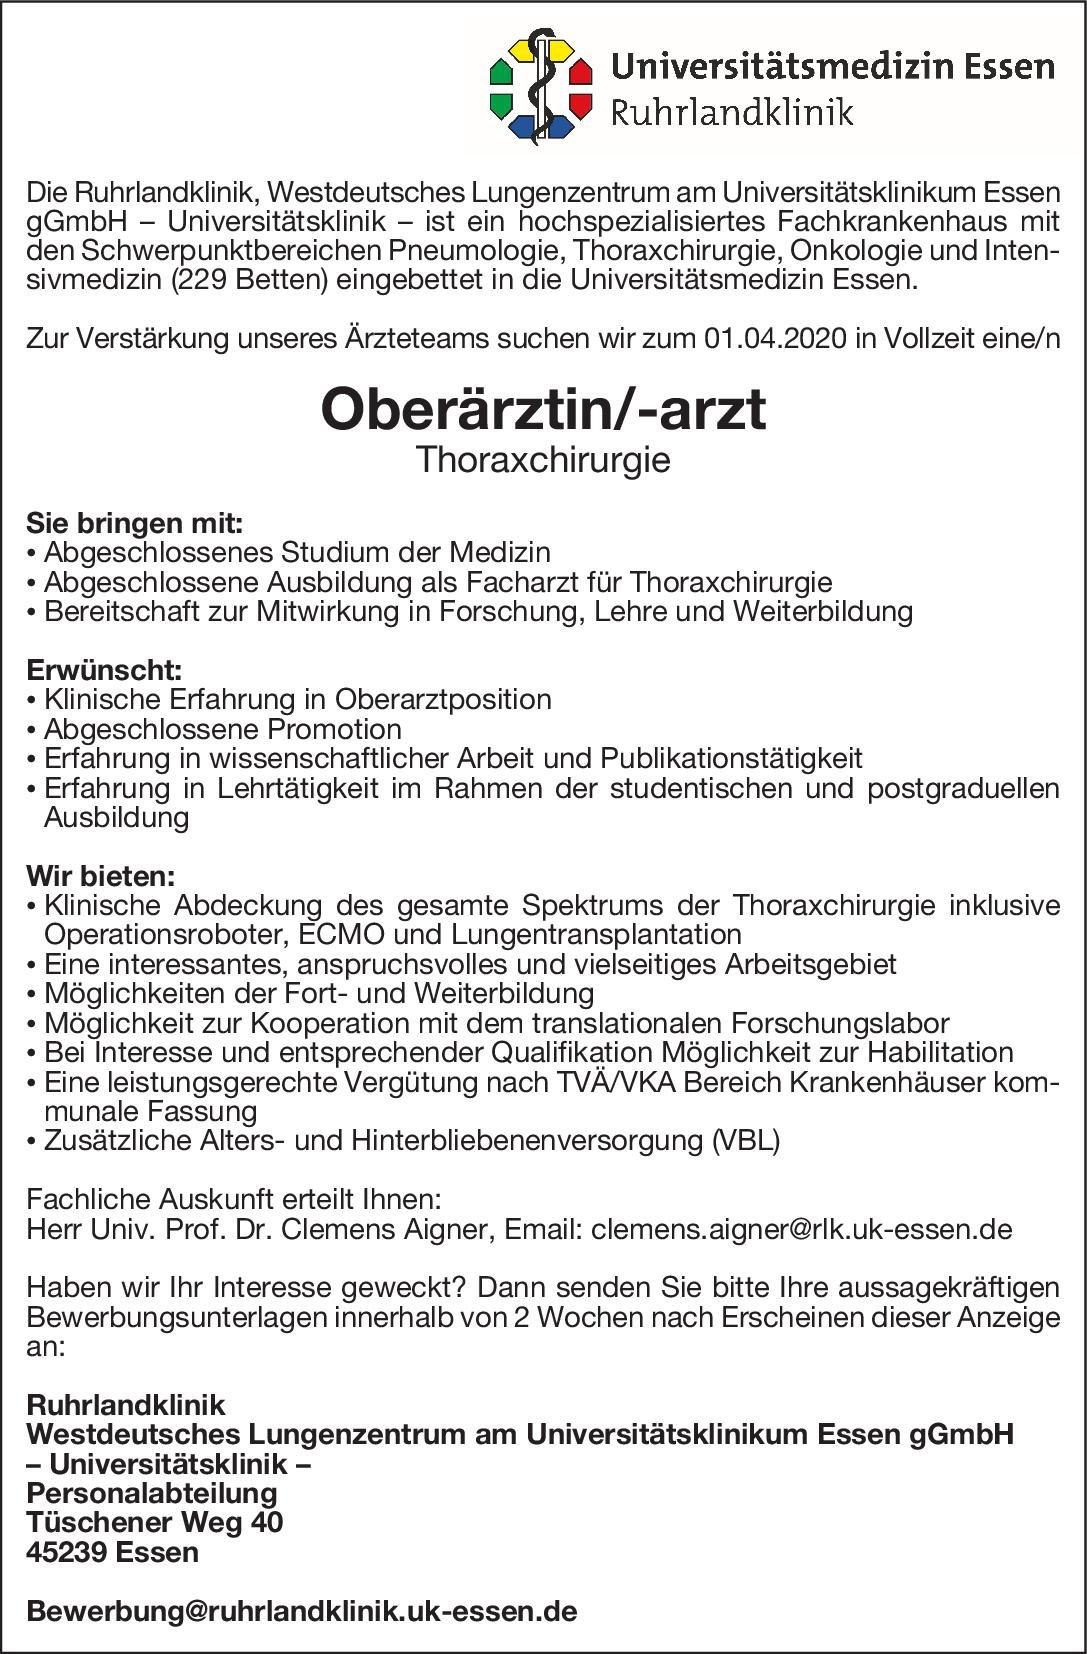 Ruhrlandklinik - Westdeutsches Lungenzentrum am Universitätsklinikum Essen gGmbH Oberärztin/-arzt Thoraxchirurgie  Thoraxchirurgie, Chirurgie Oberarzt